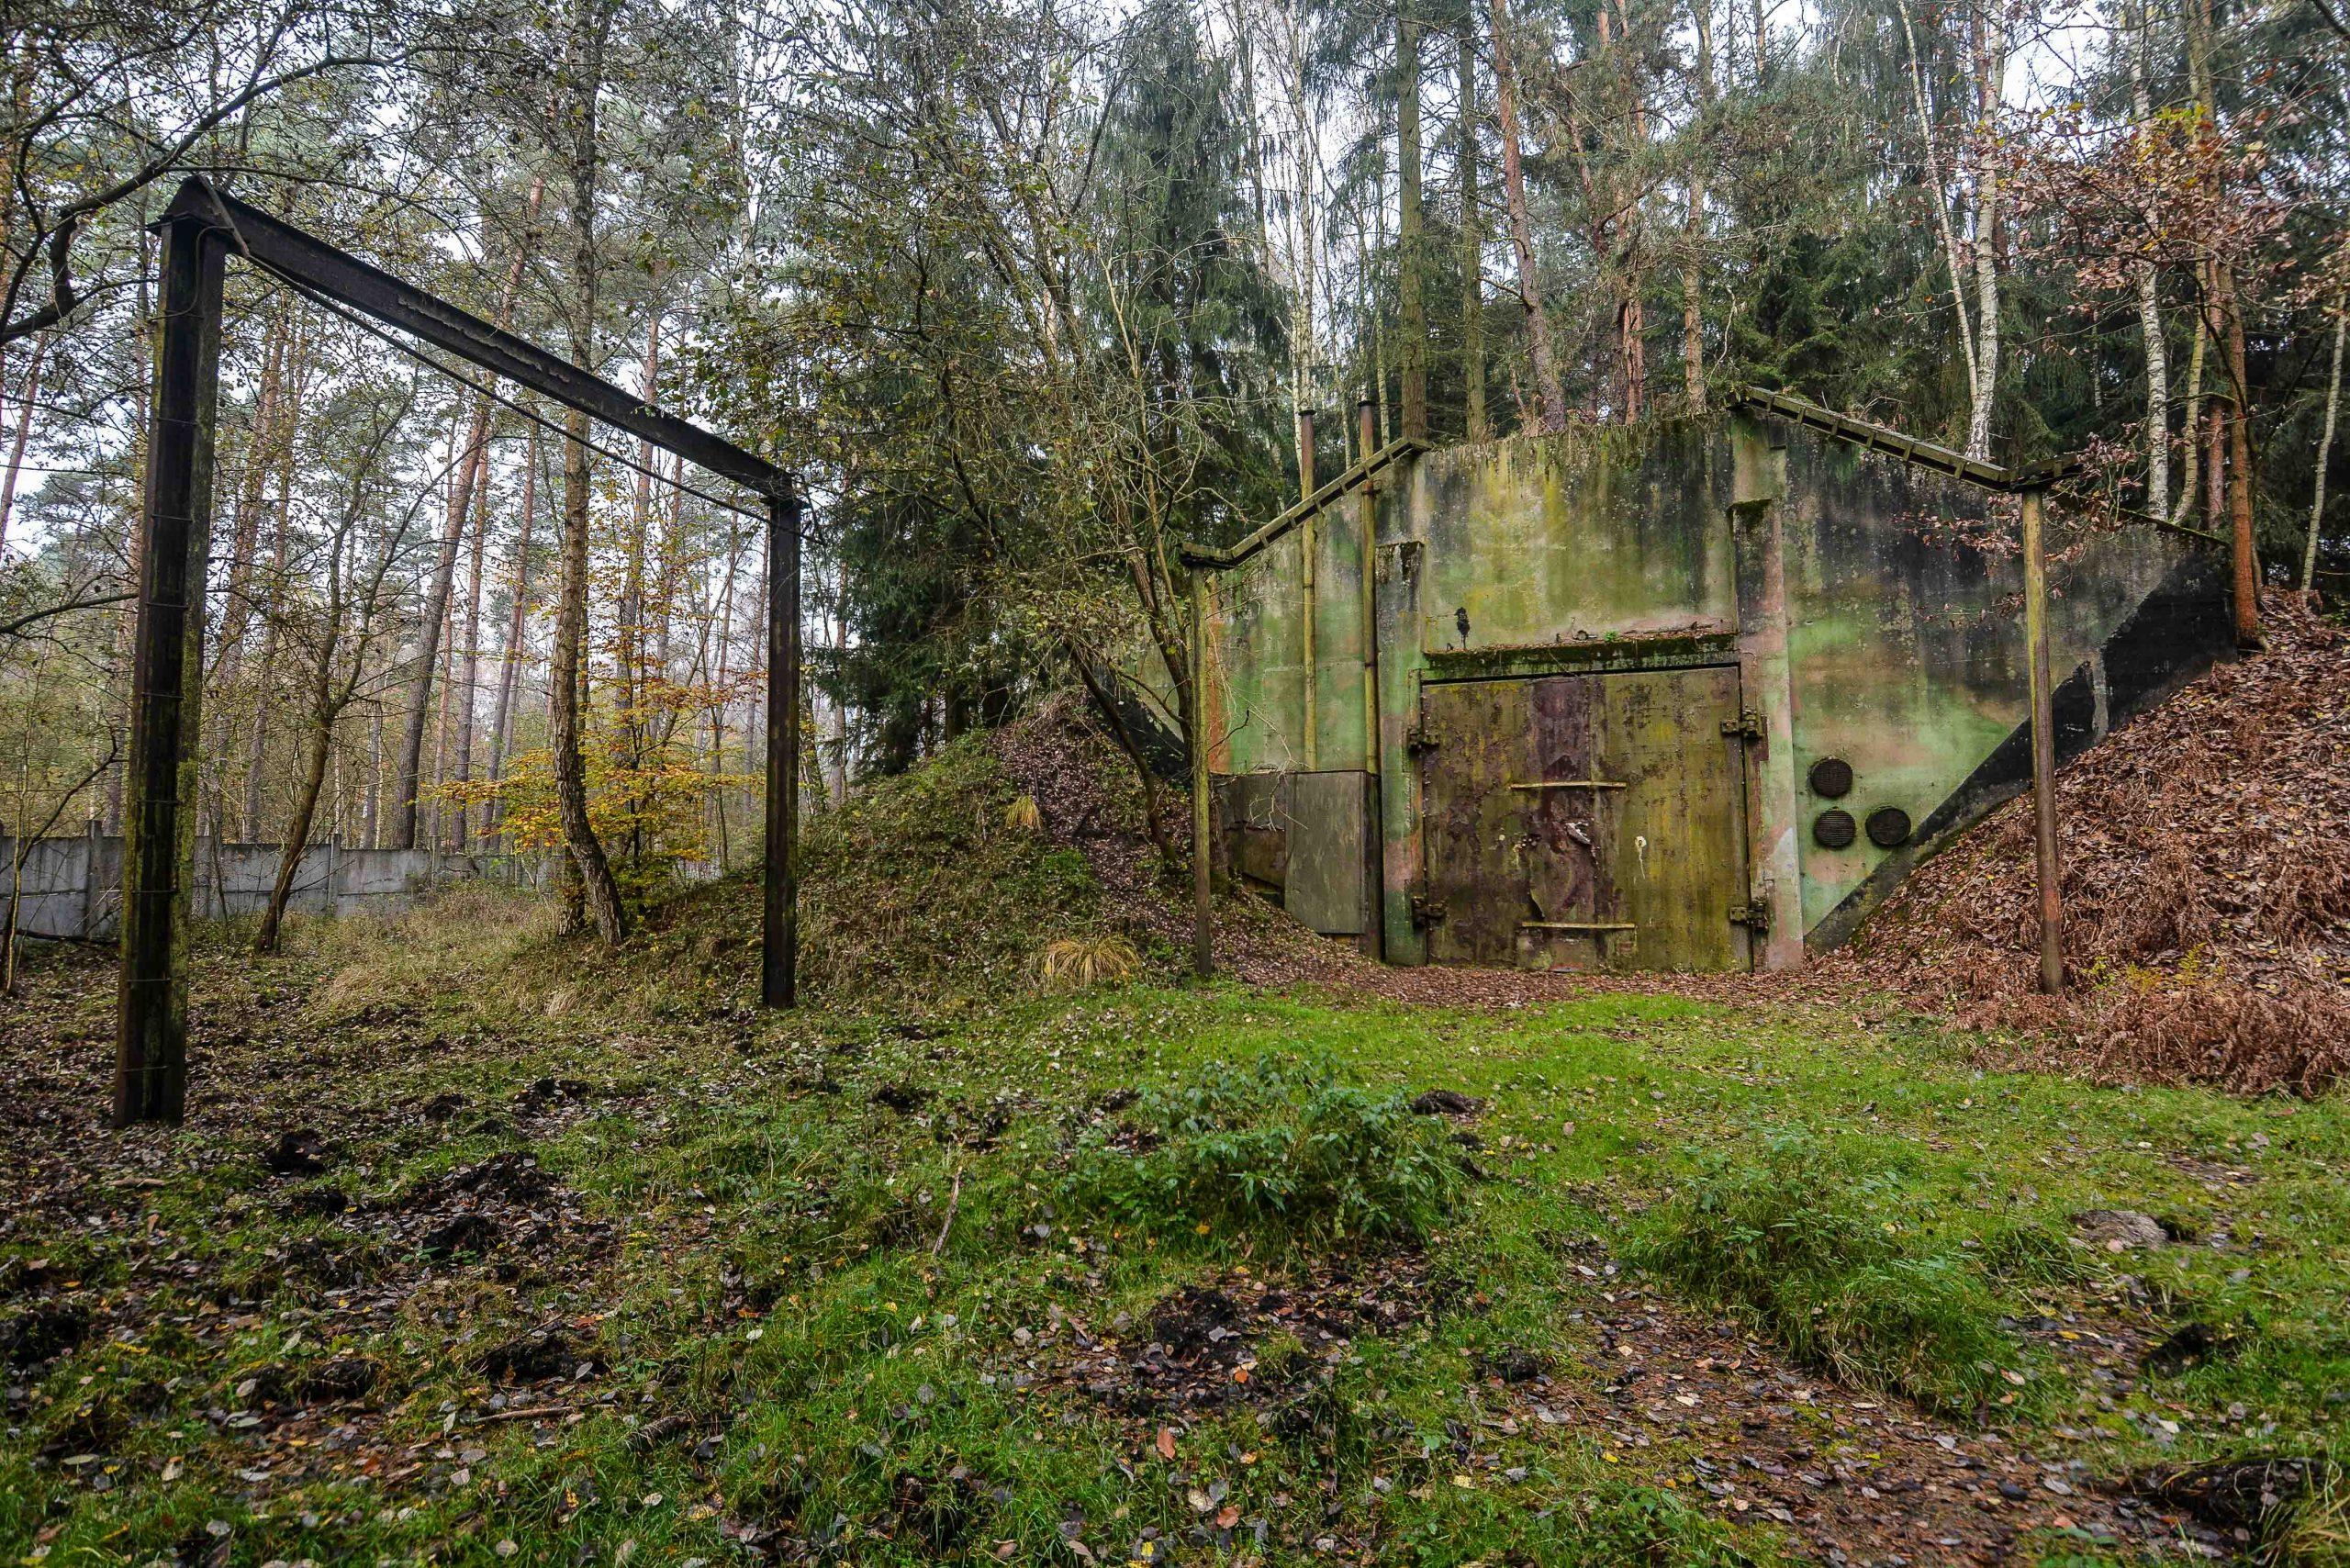 vogelsang sowjetische kaserne bunker soviet bunker military instalation brandenburg germany